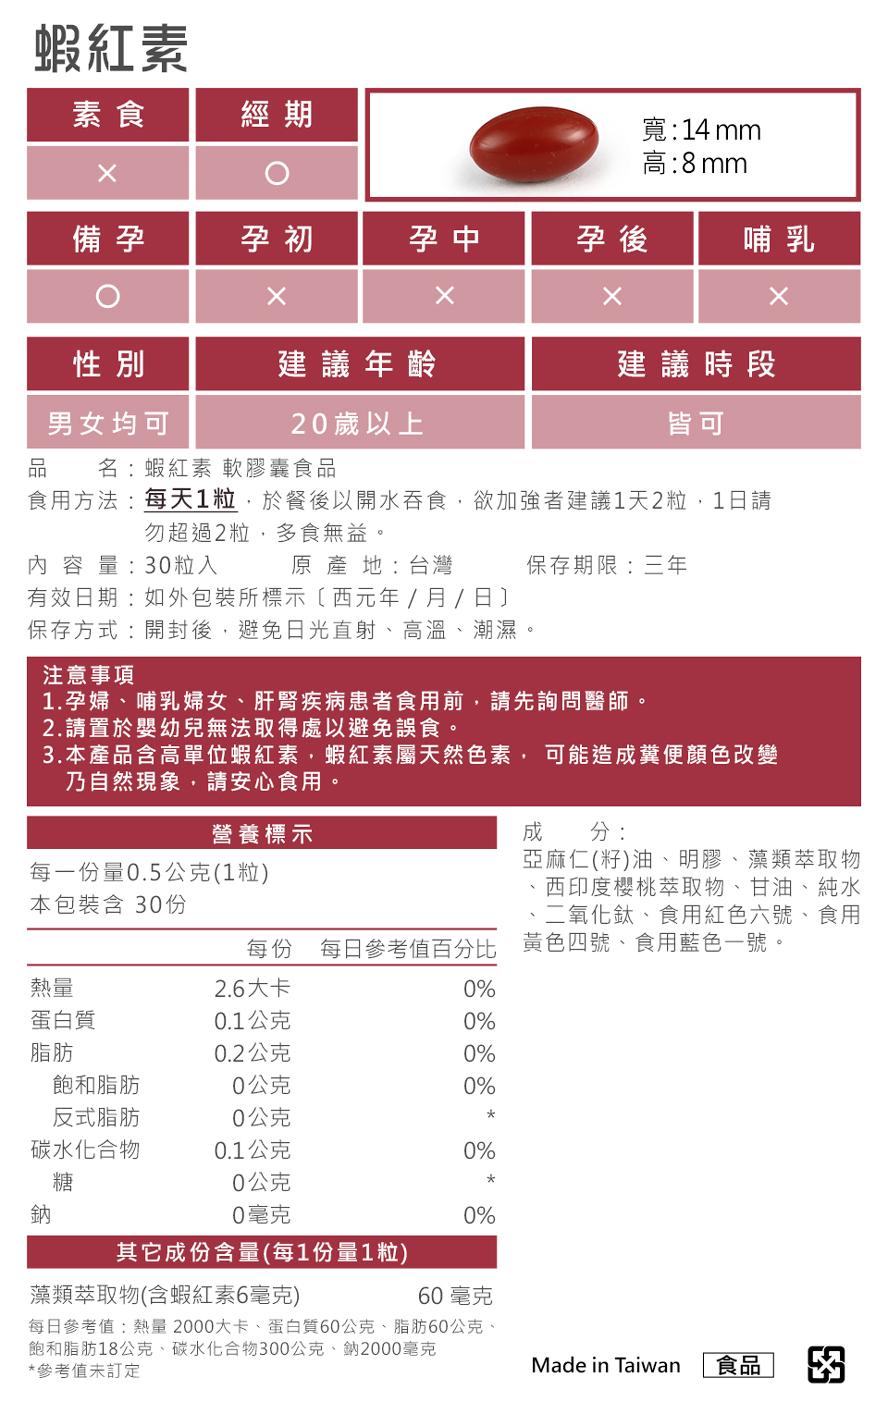 BHK's蝦紅素通過安全檢驗不含重金屬,安全無慮、無副作用